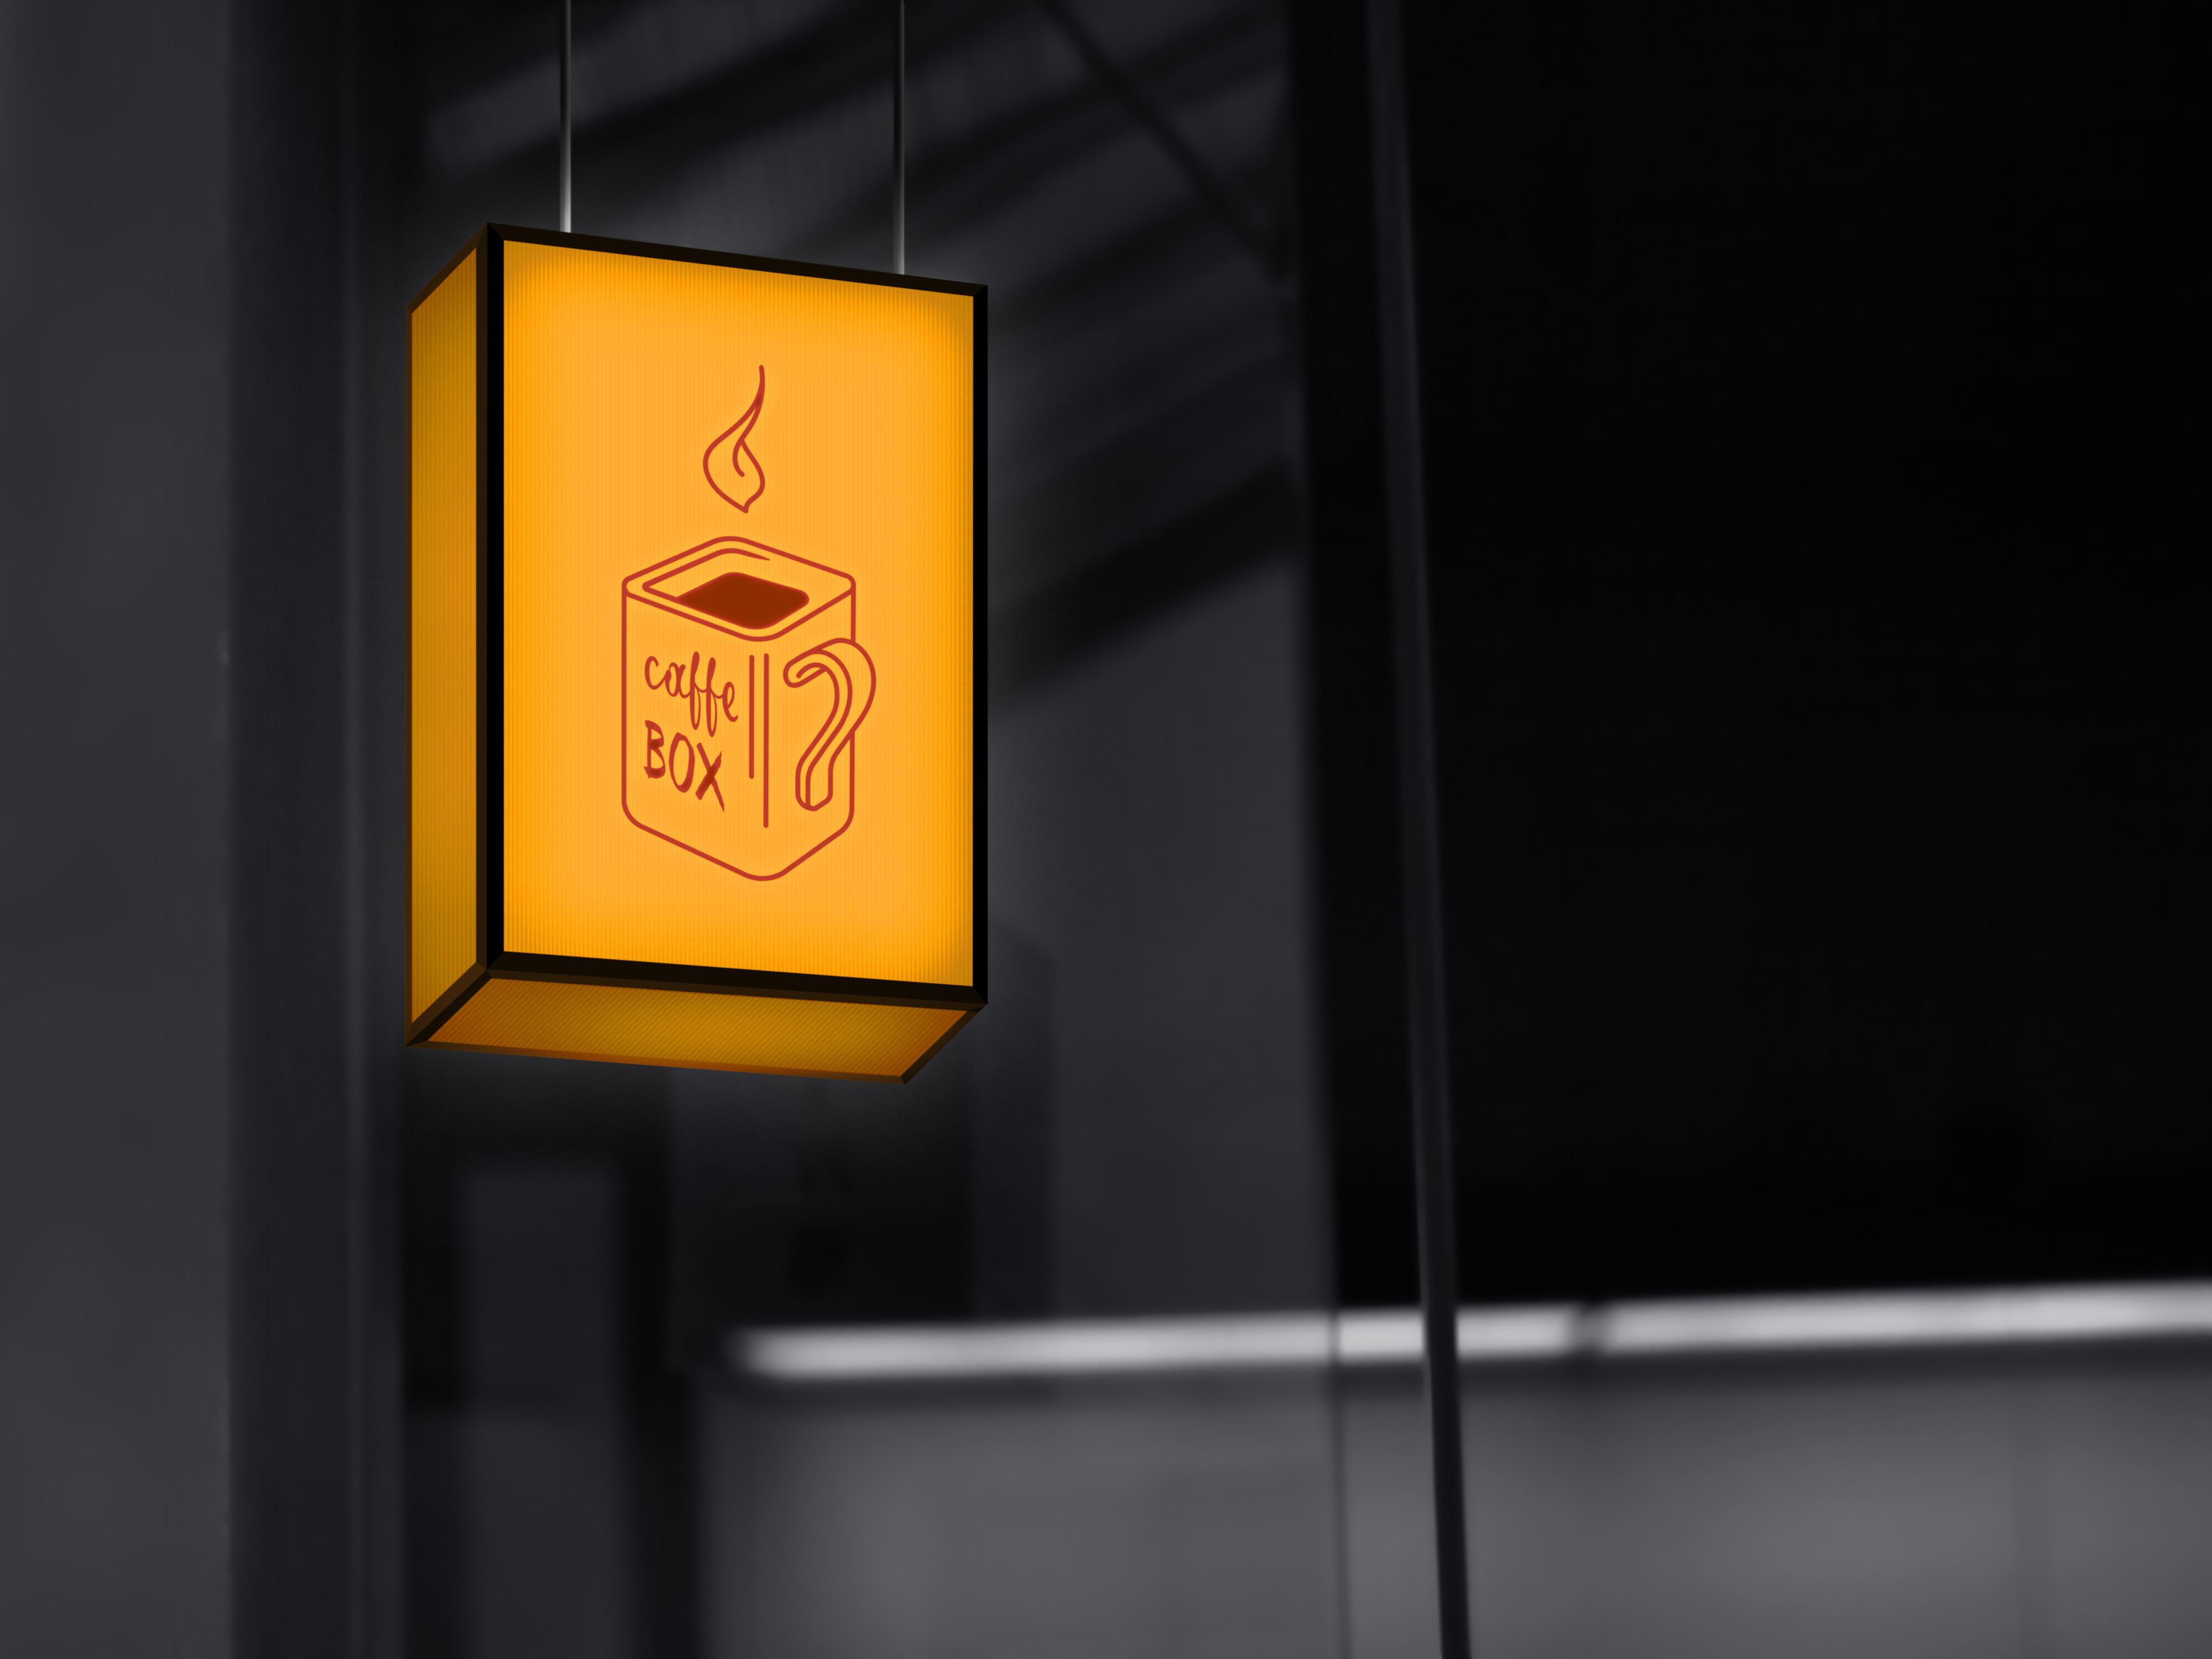 Требуется очень срочно разработать логотип кофейни! фото f_1695a0dab1262c3a.jpg